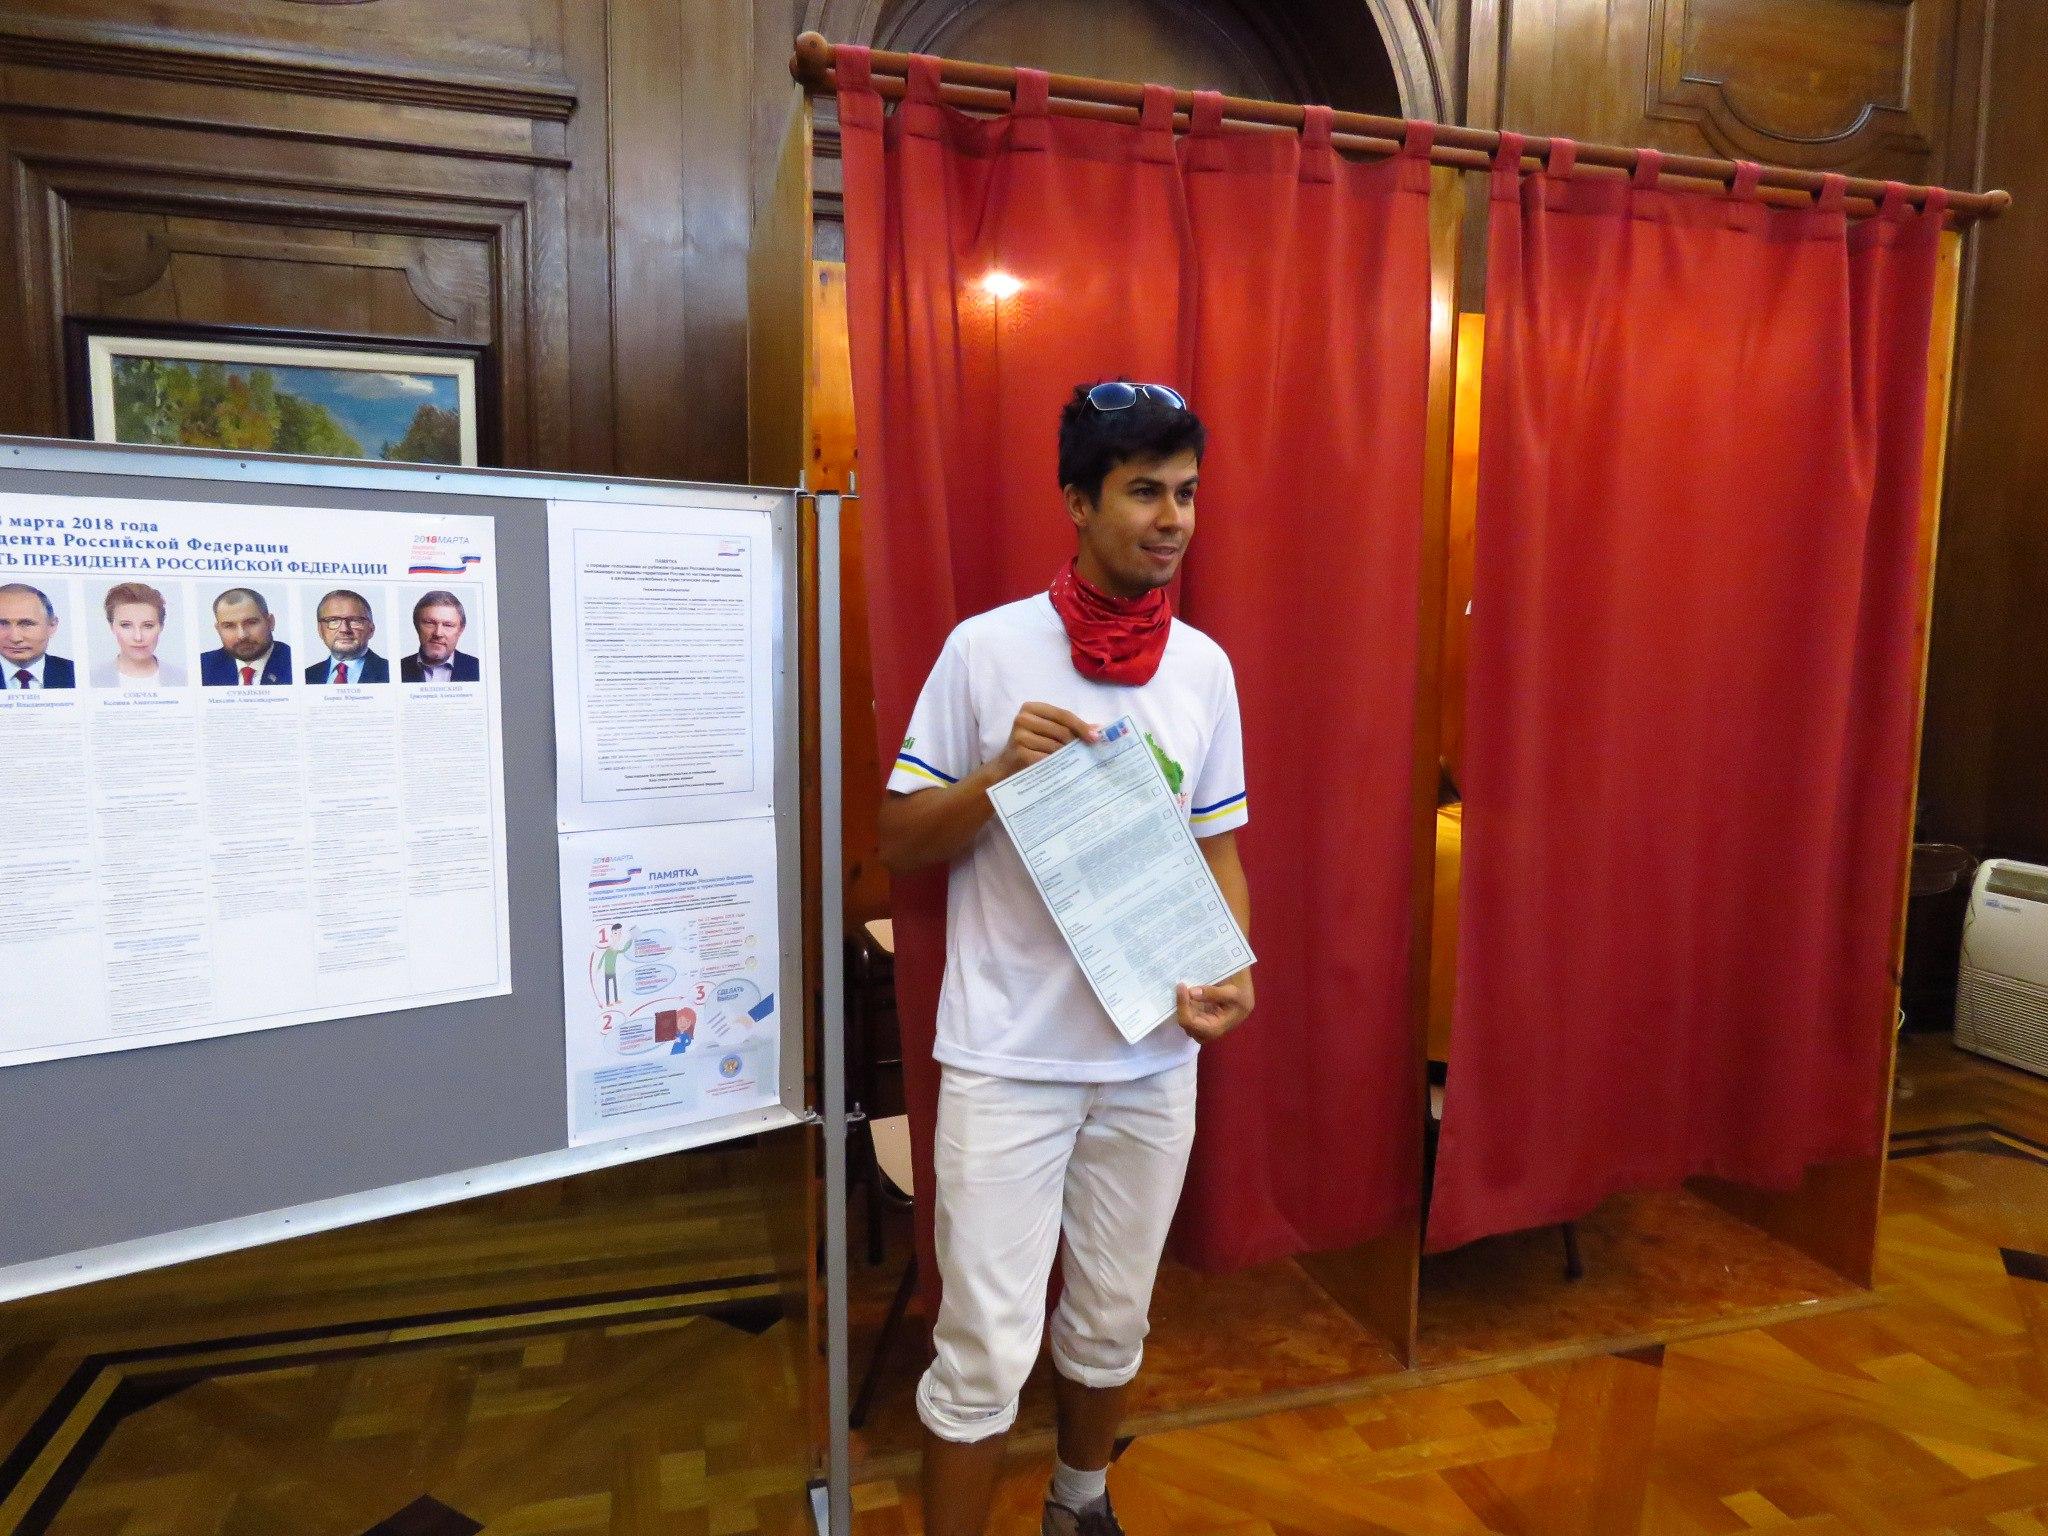 Выборы президента России 2018 в Буэнос-Айресе можно, России, выборы, всякие, потом, теперь, кандидатов, конечно, такое, потому, когда, выбора, интересно, только, людей, прямо, бюллетени, президента, компанией, выглядит